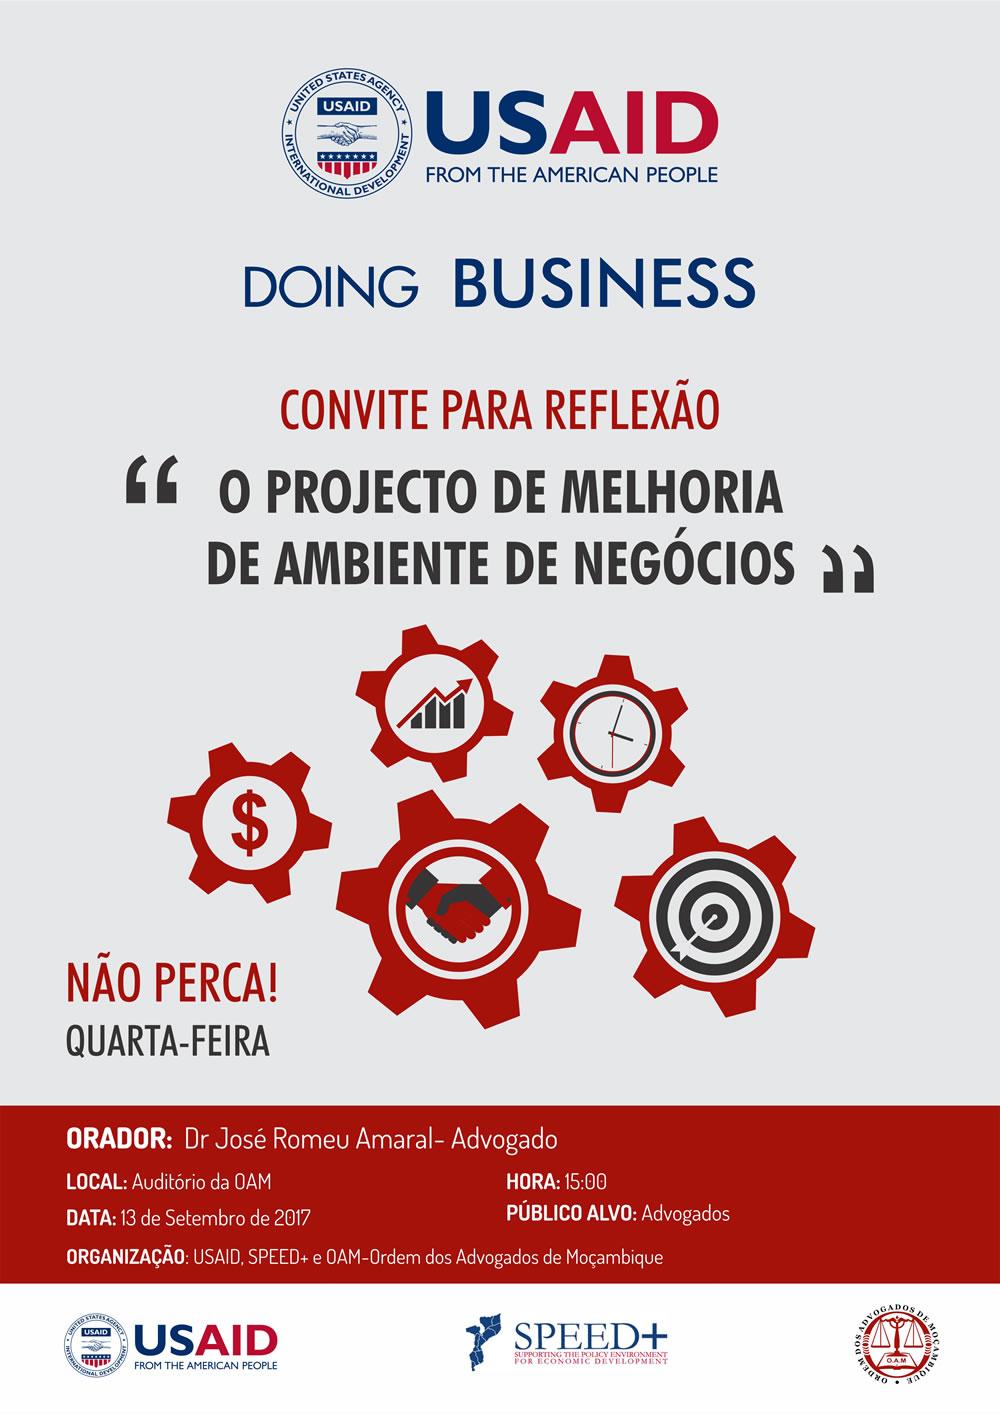 Projecto de melhoria de ambiente de Negócios